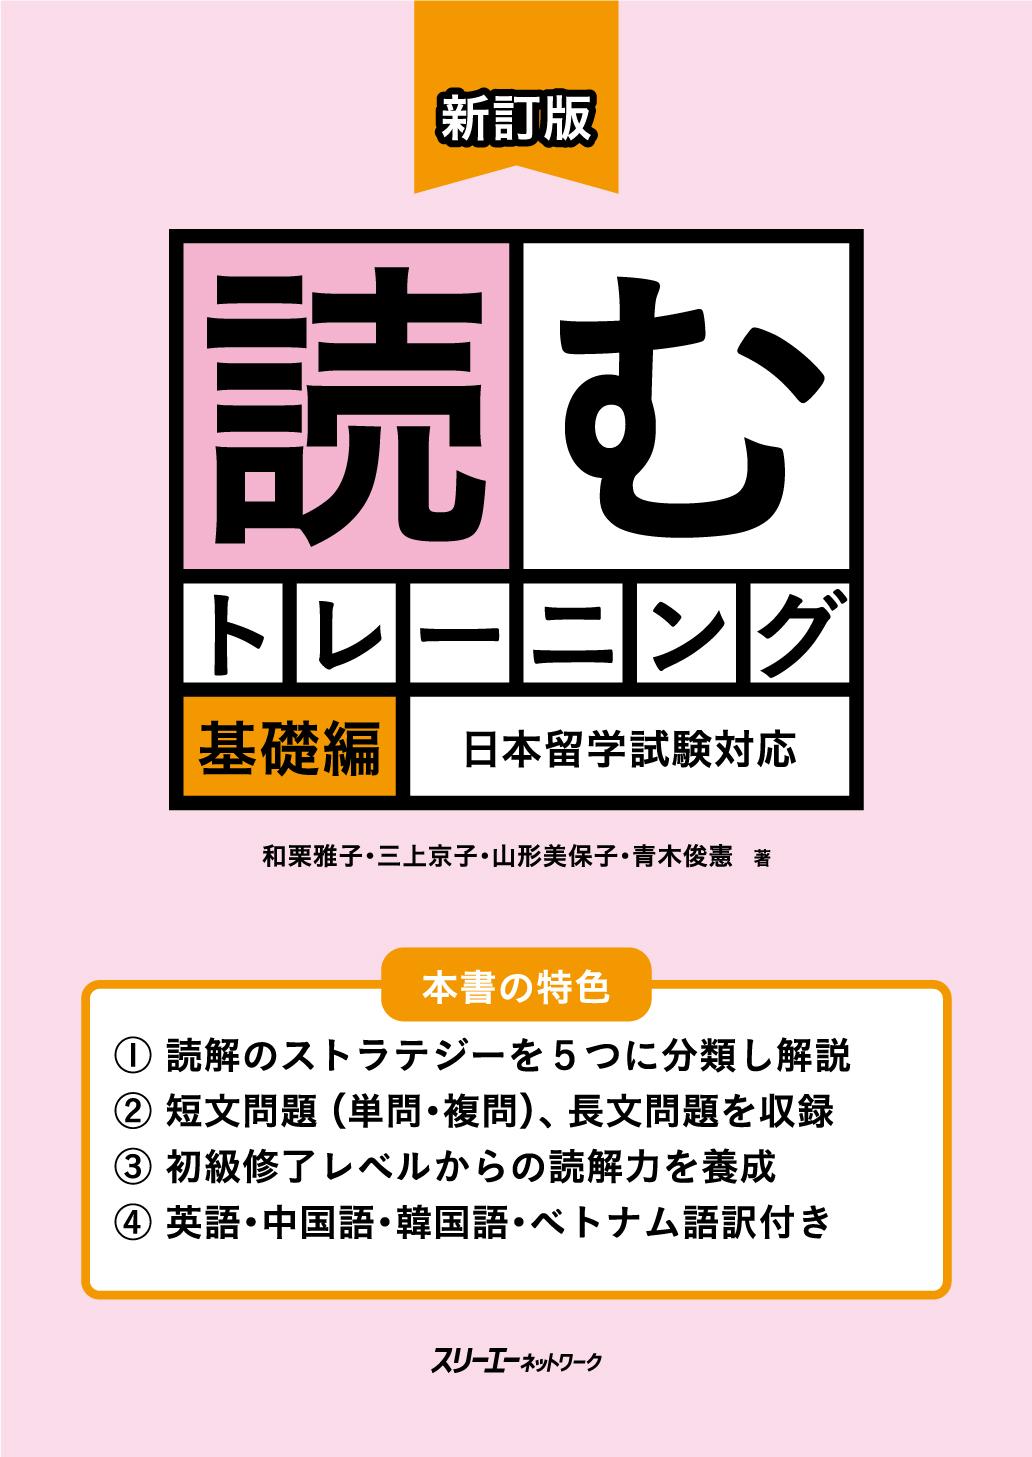 新訂版 読むトレーニング 基礎編 日本留学試験対応画像